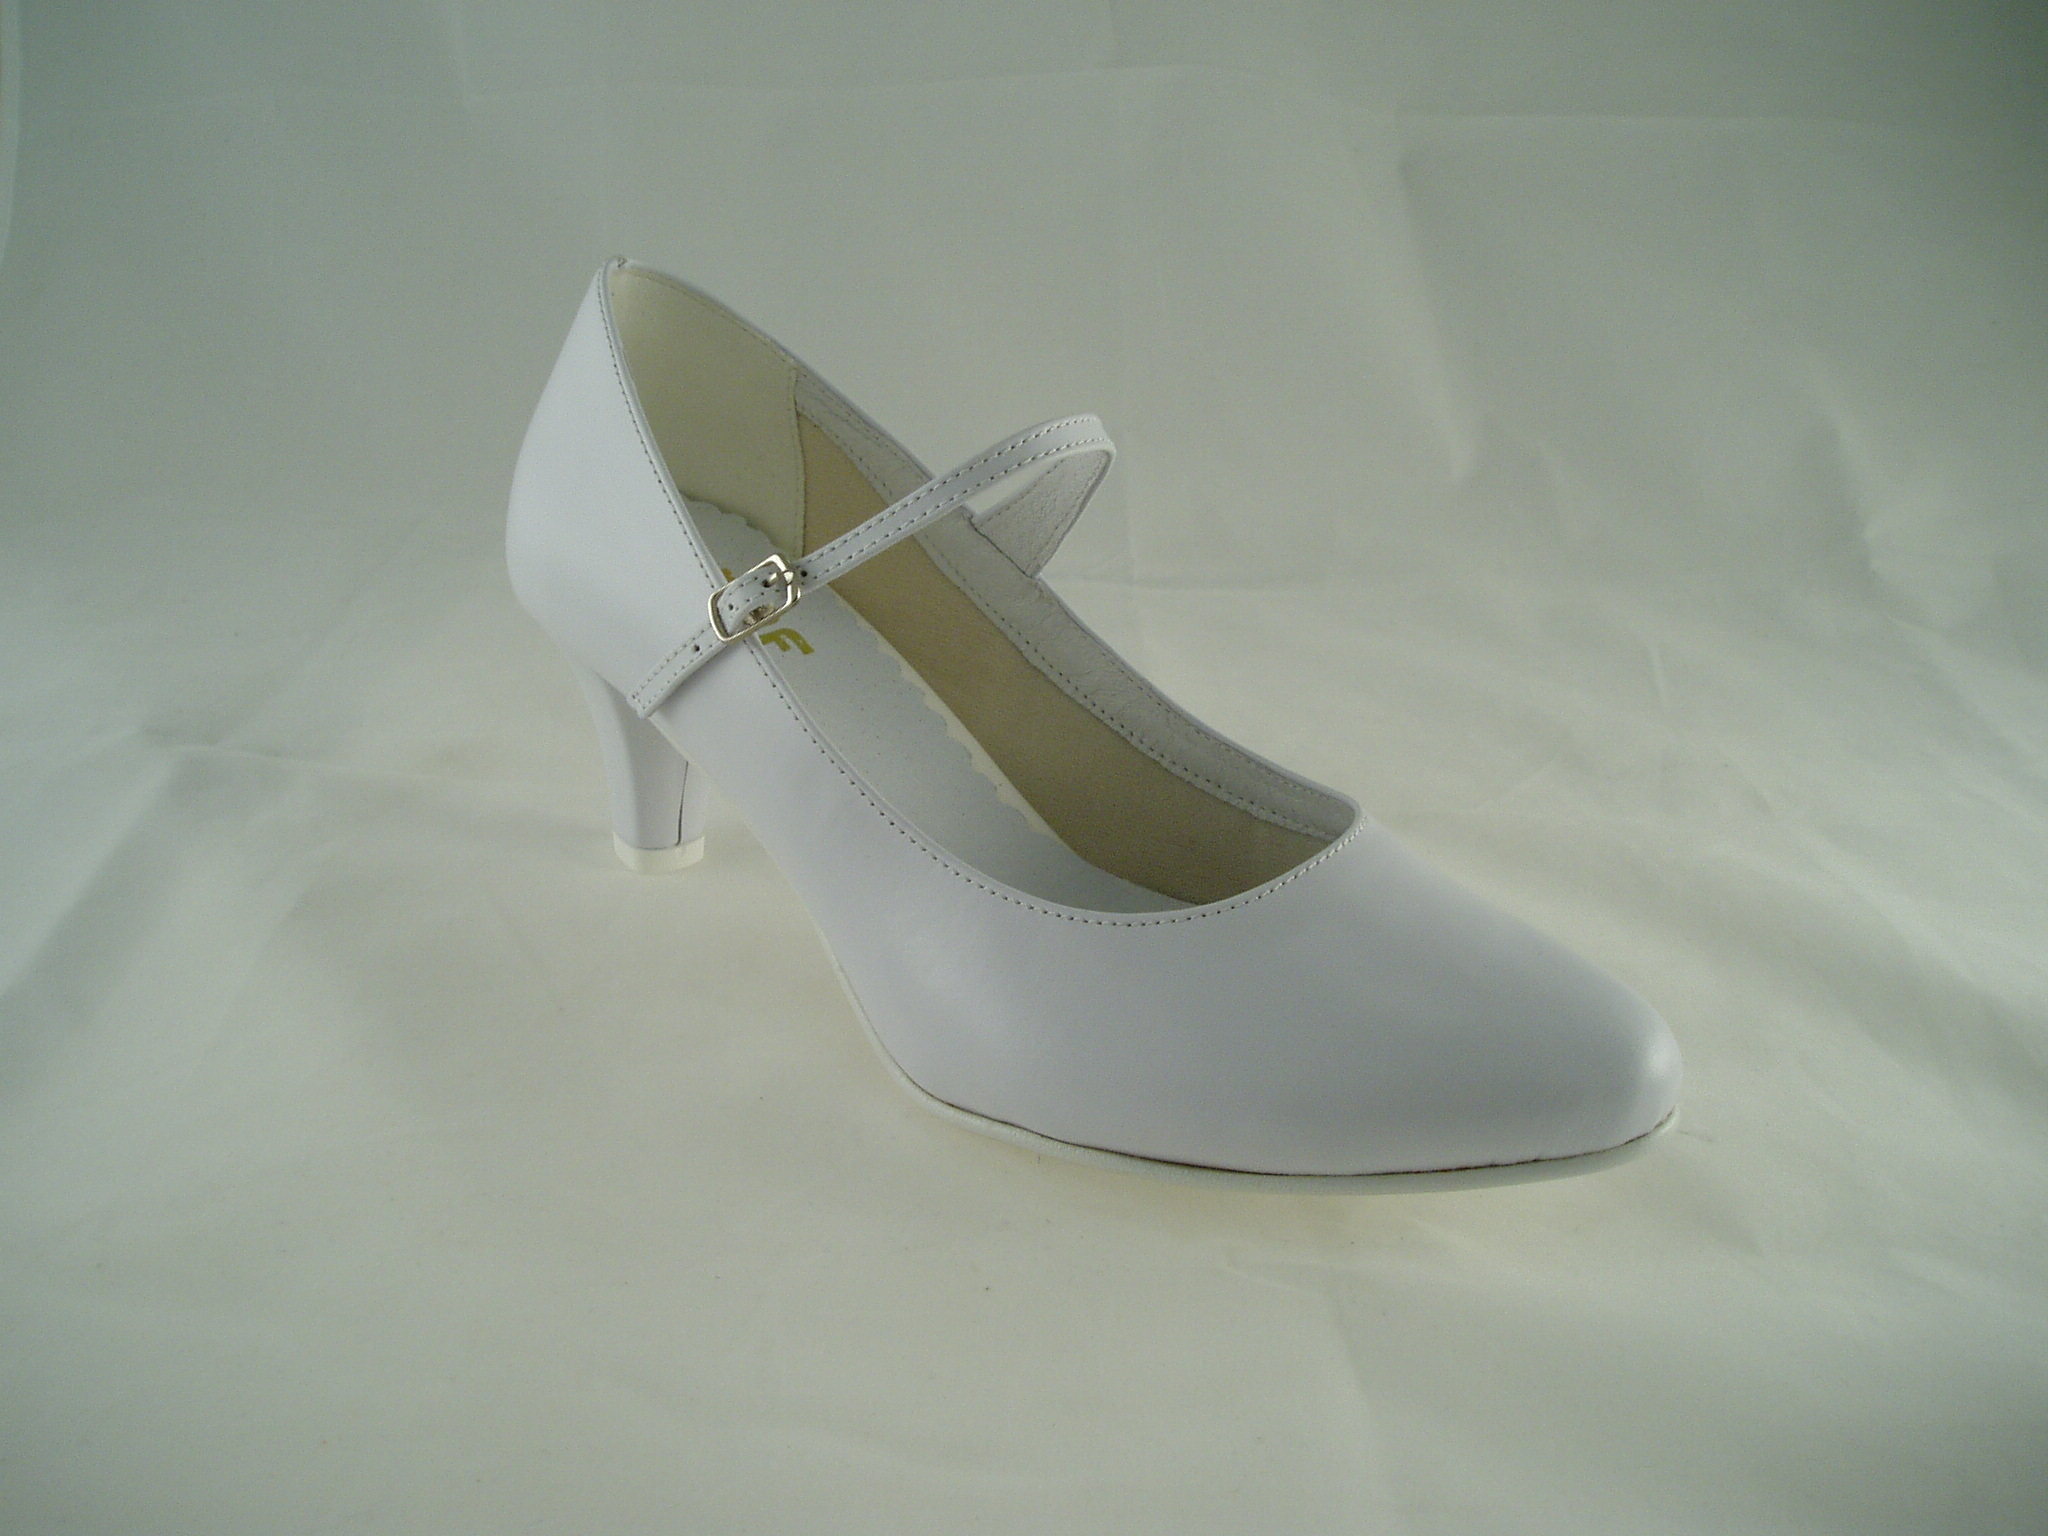 ad57557aff3 Svatební boty GRAF 1503 - Kůže bílá - podměrné